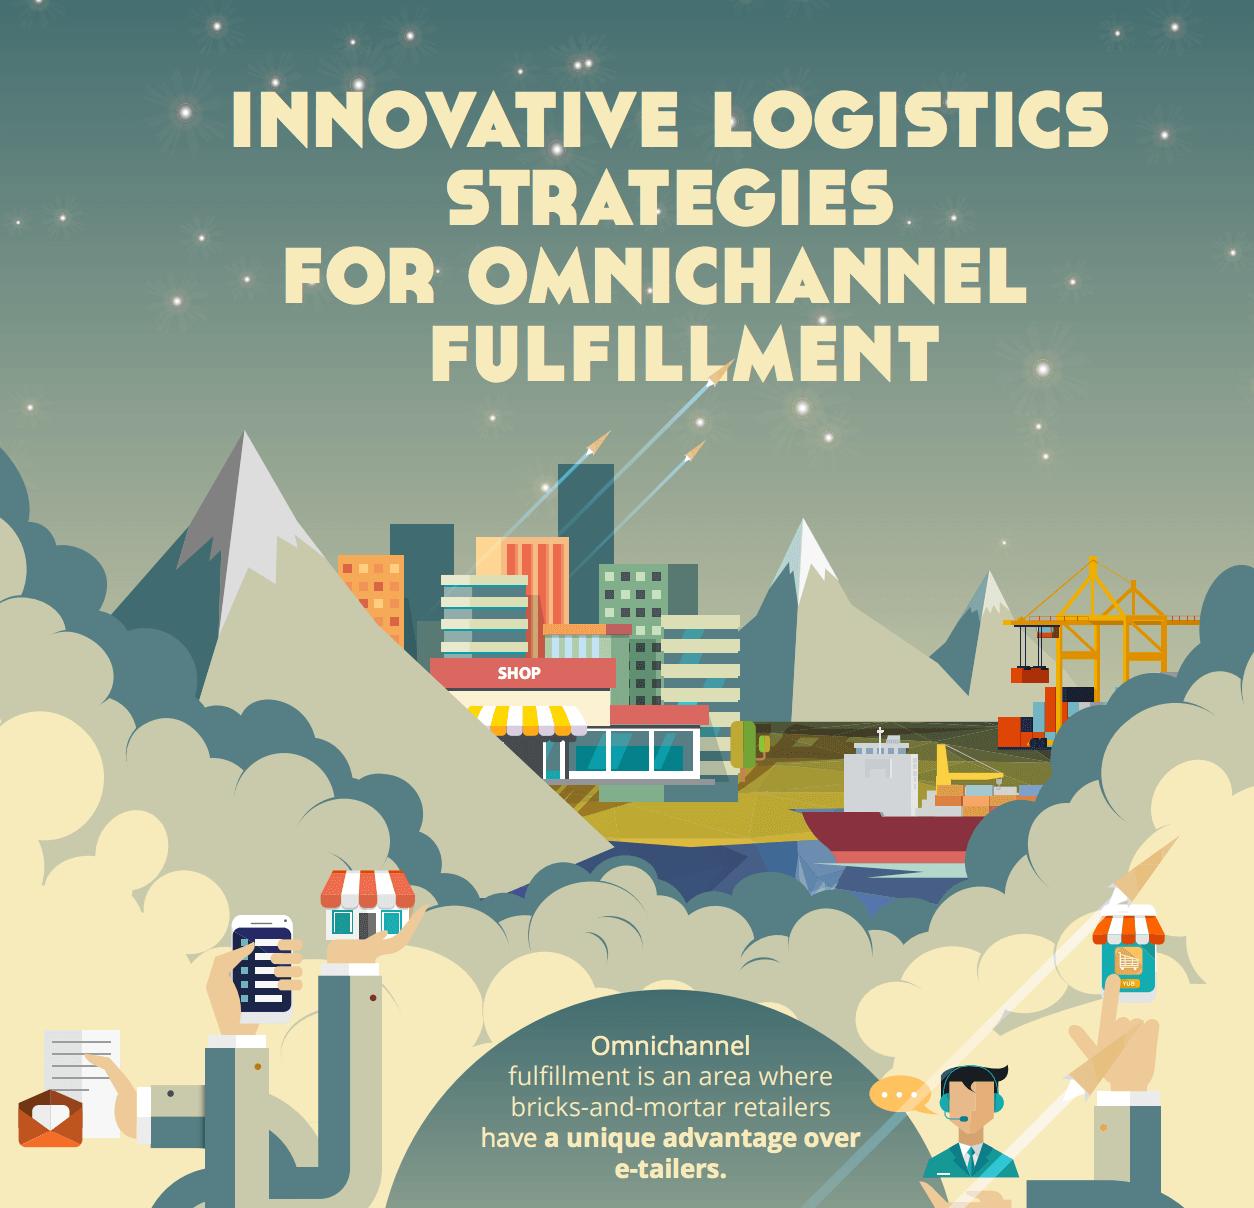 Infographic_Innovative Logistics Strategis for Omnichannel_EN.png